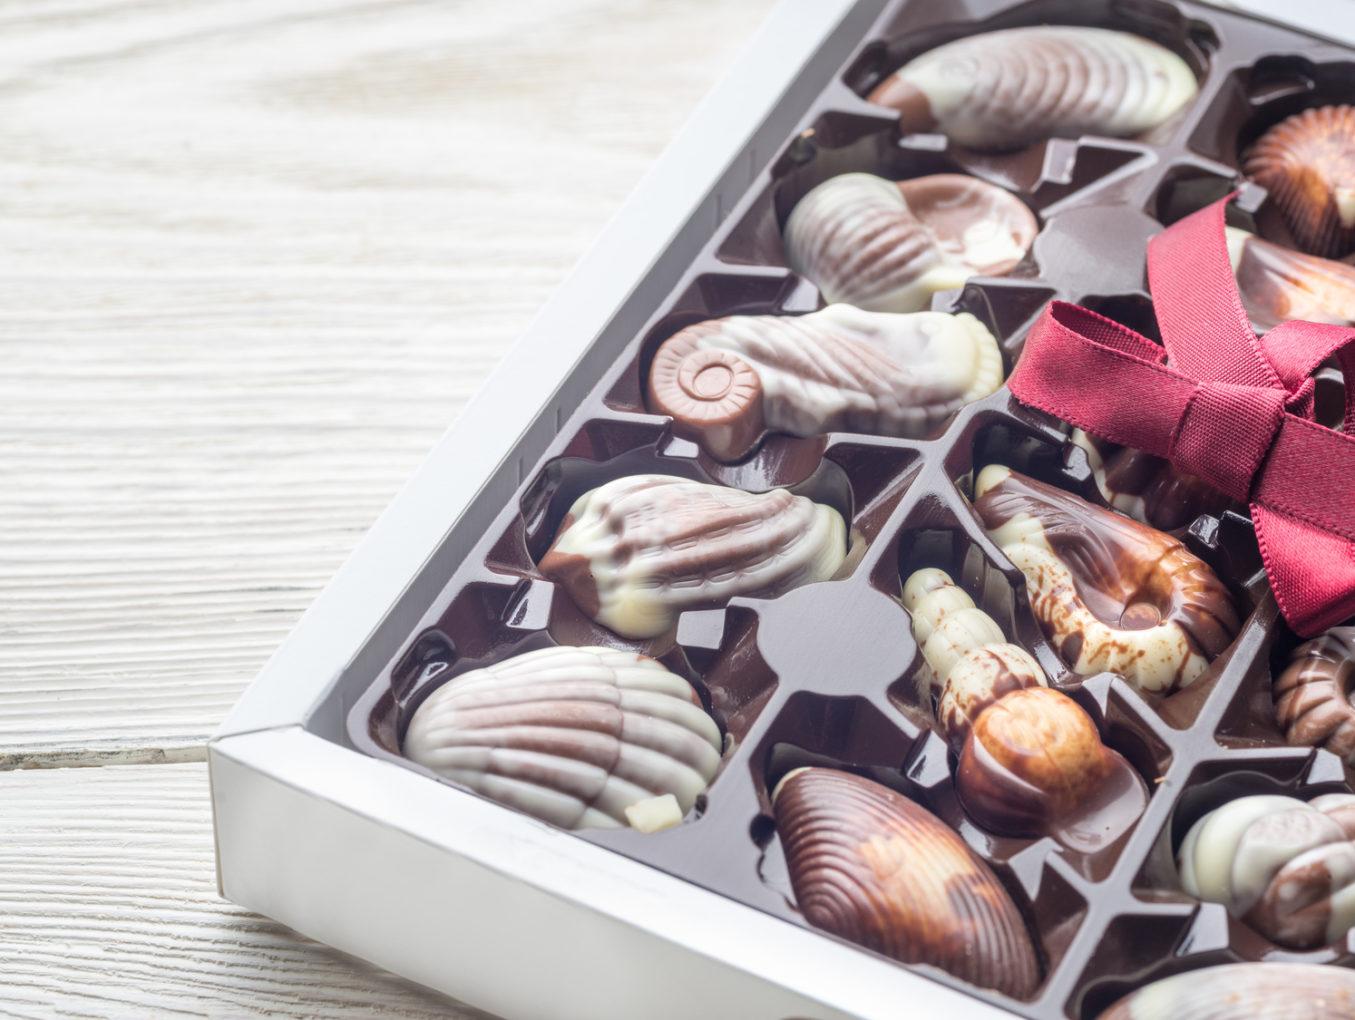 Jakie rodzaje opakowań wykorzystywane są w cukierniach?